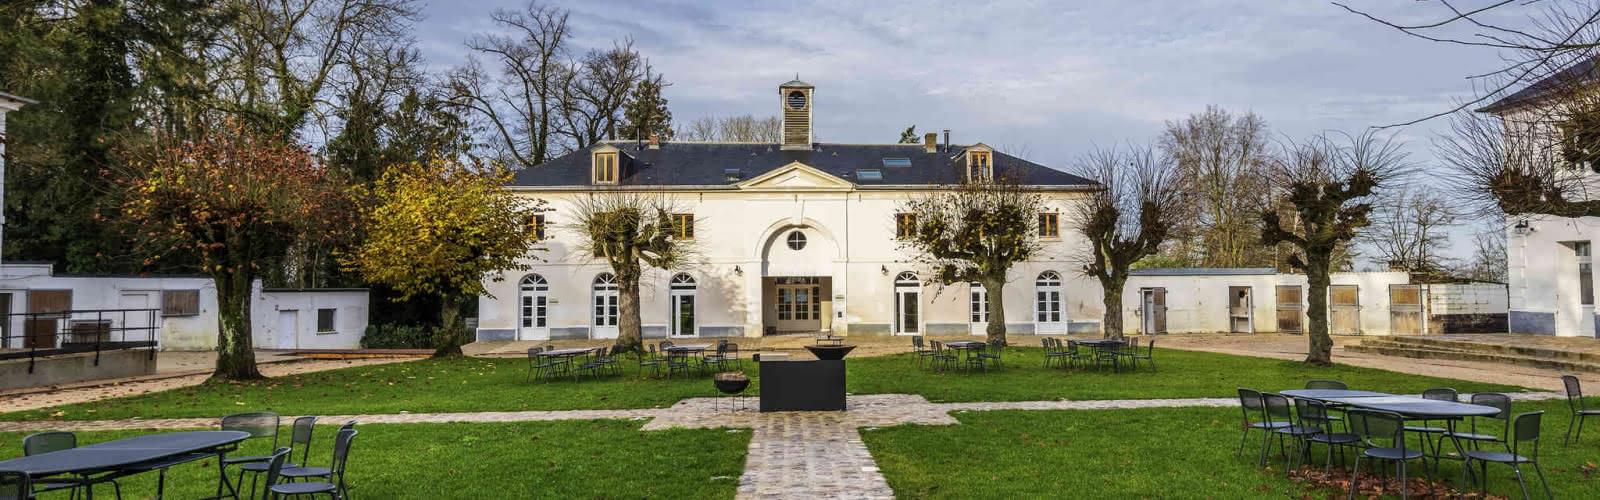 Hôtel Novotel Domaine De Maffliers - Demeure De Campagne